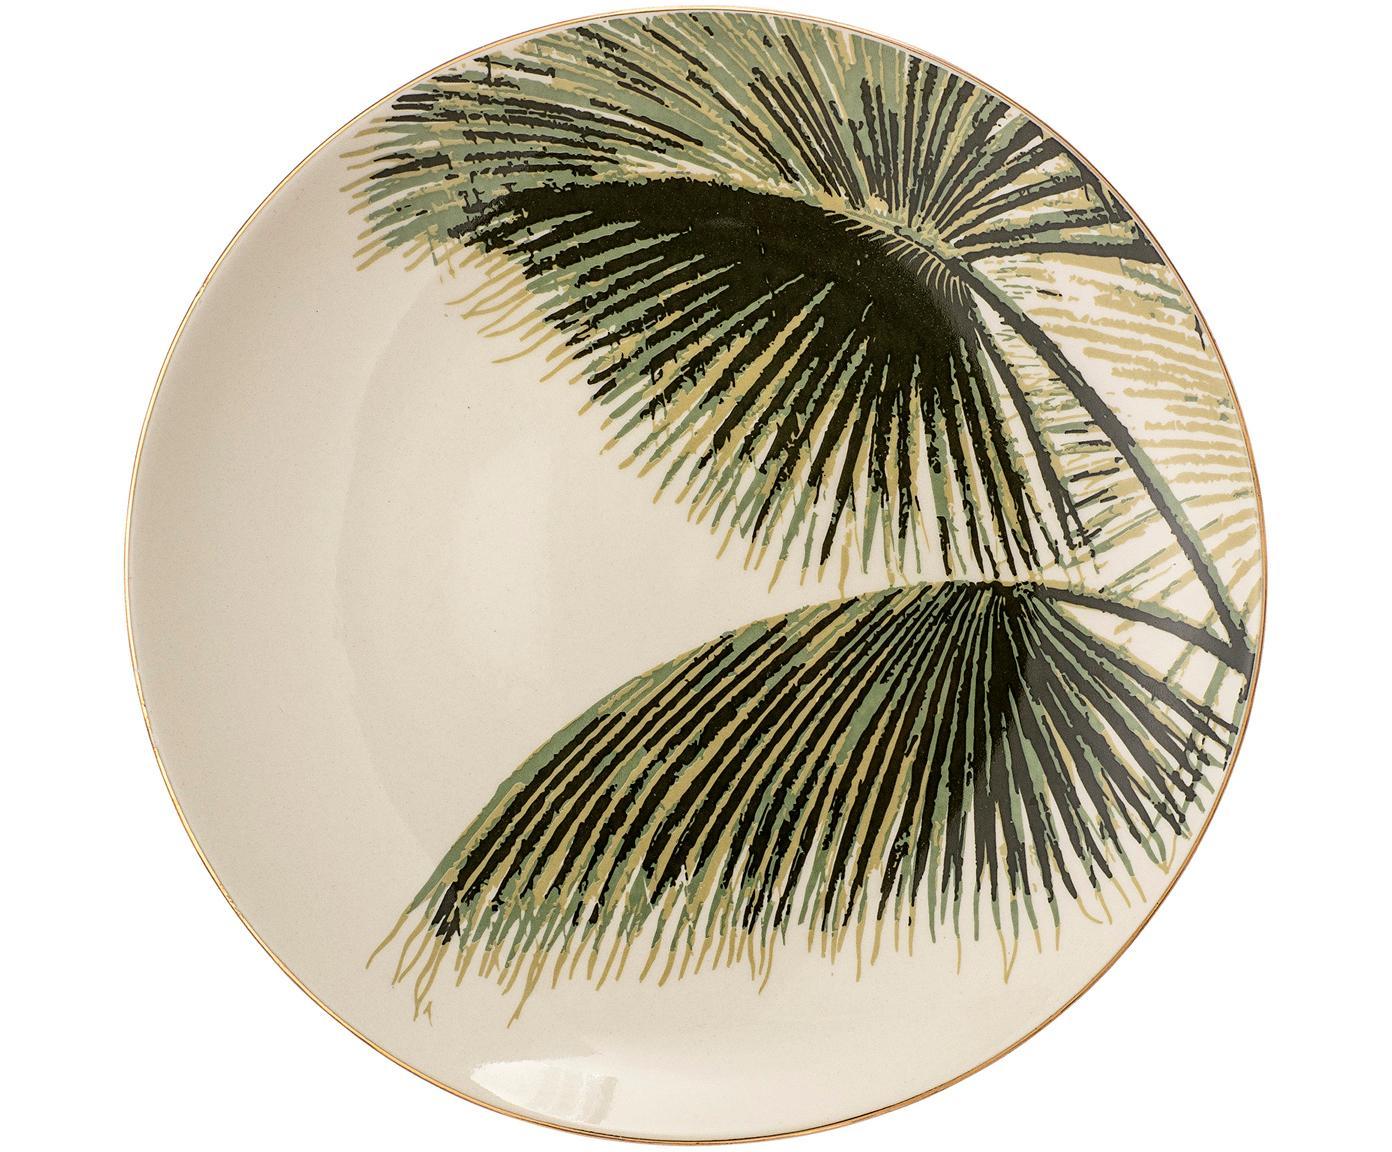 Platos postre Aruba, 4uds., Gres, Blanco crema, verde, Ø 20 cm